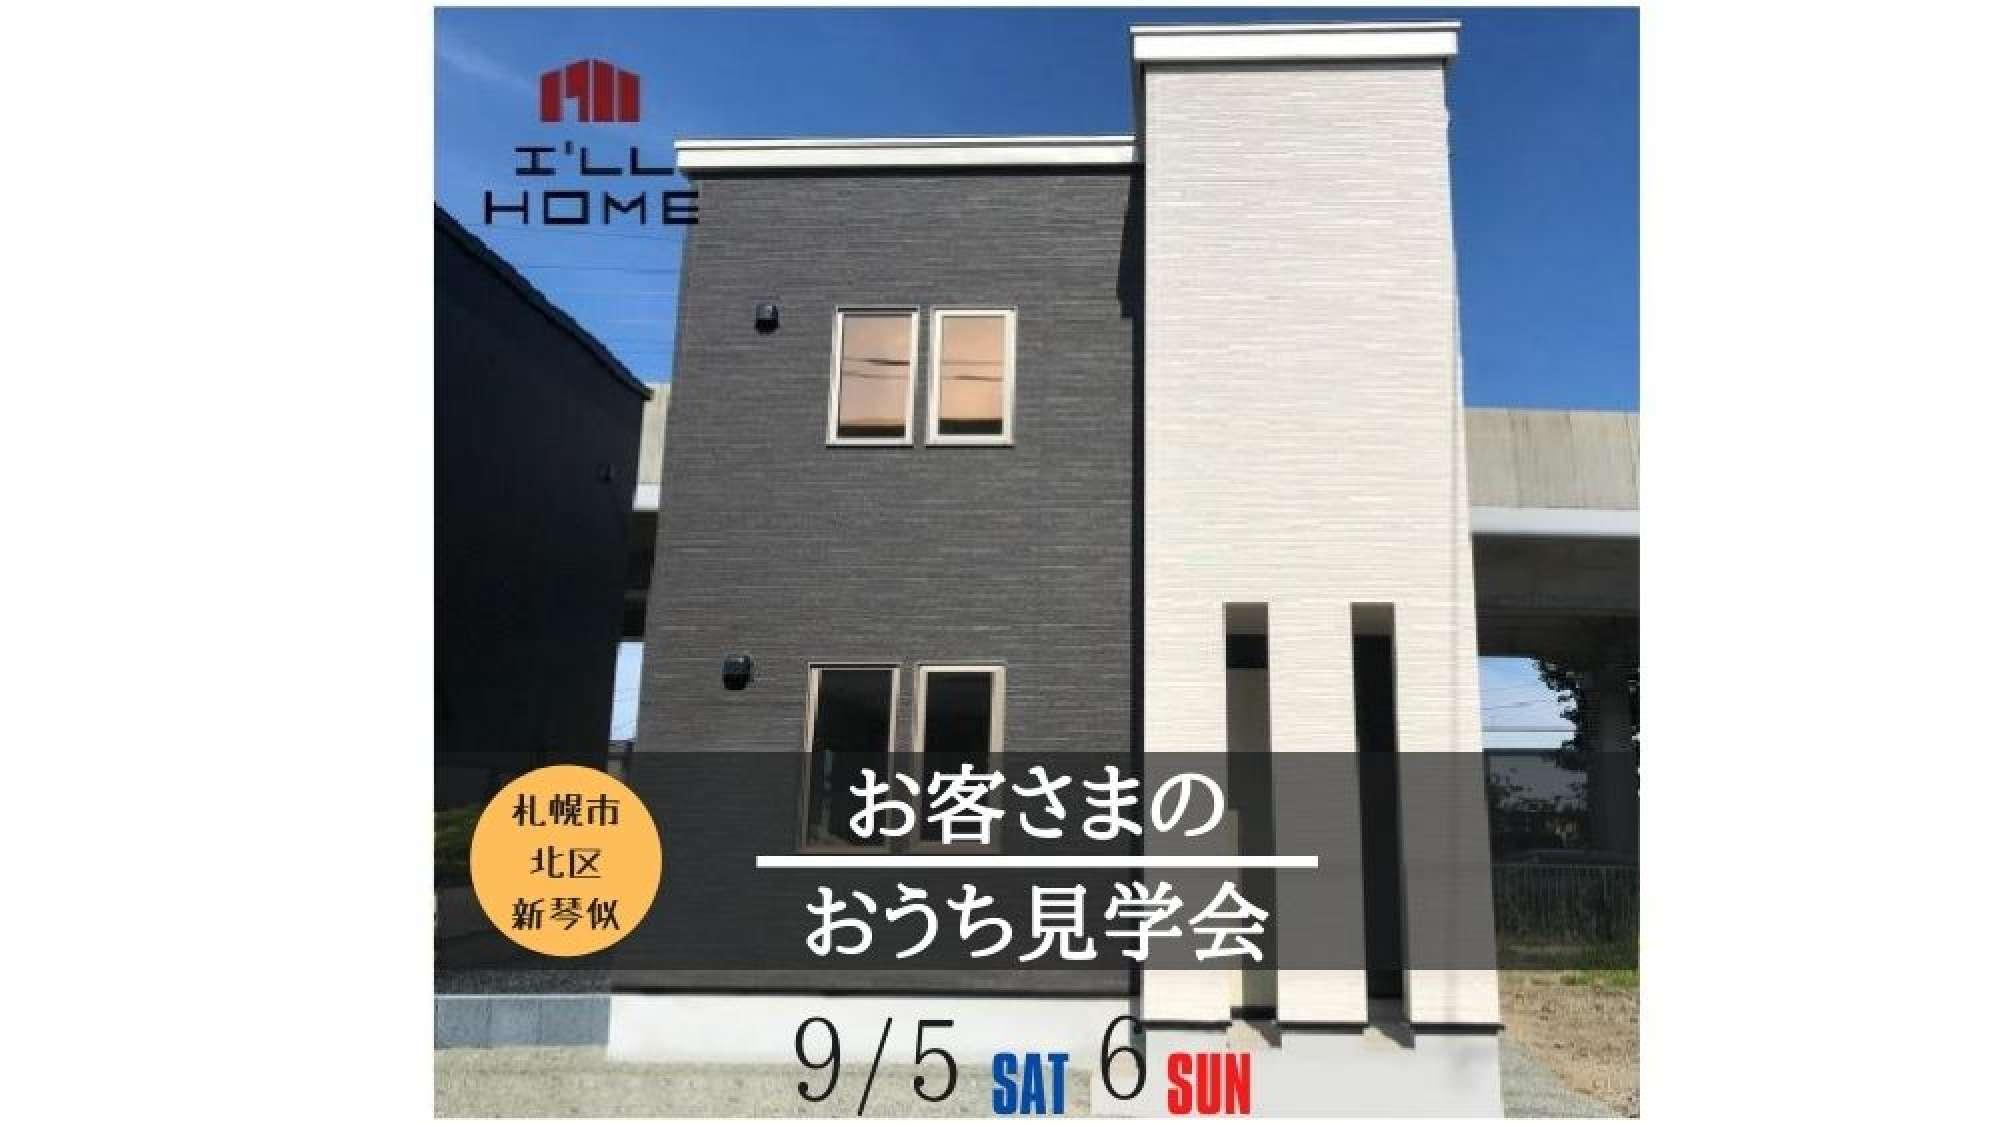 9/5(土)6(日) 開催 お客様のおうち見学会in新琴似 -